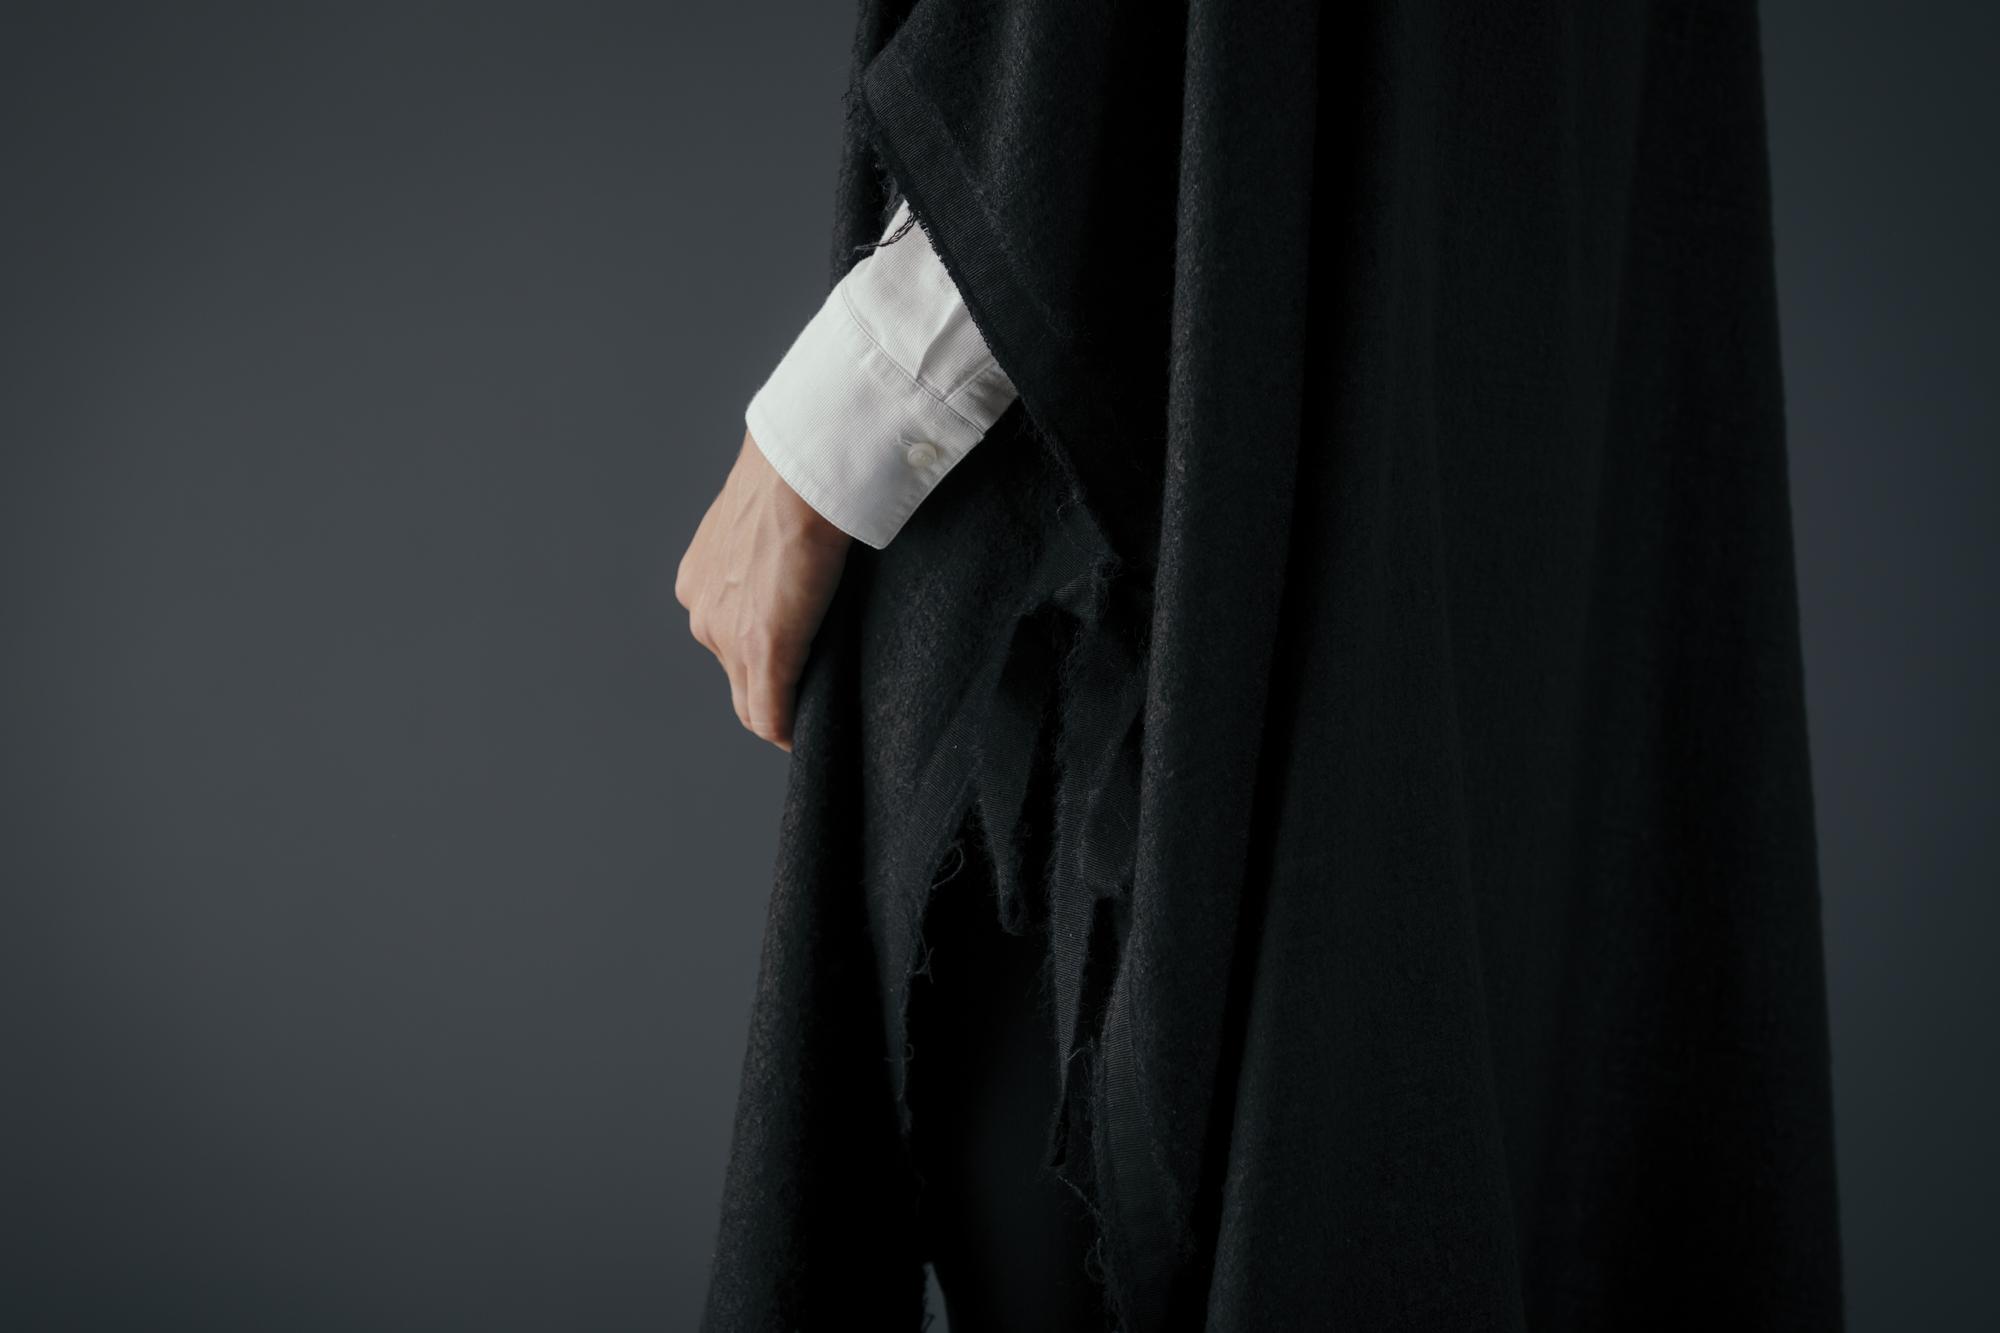 Fotografie campagna pubblicitaria MuSté Studios carlo perazzolo